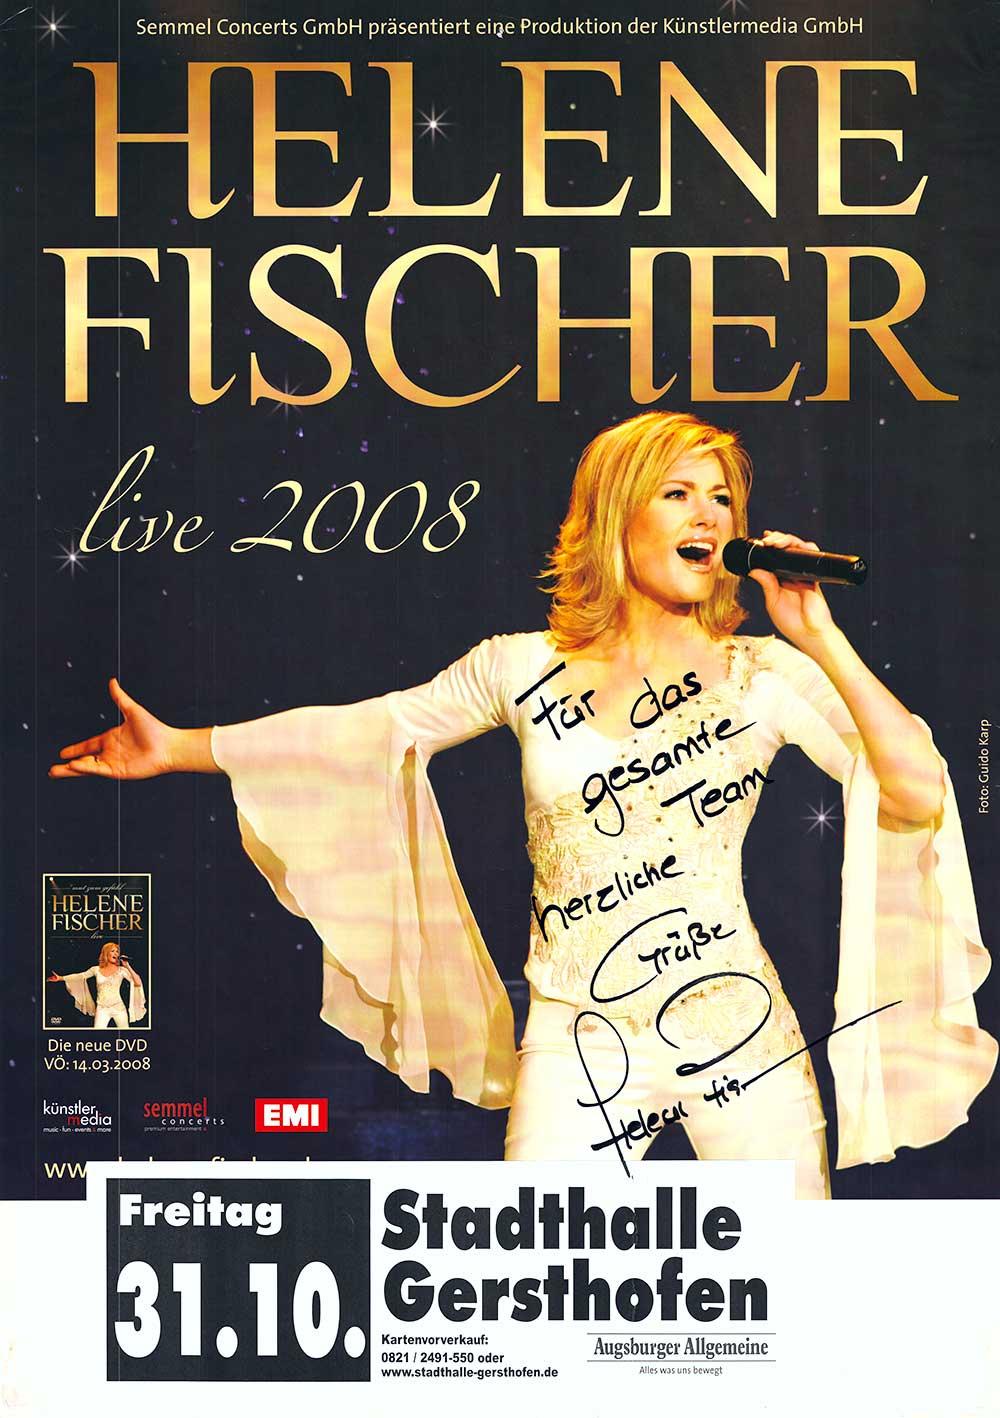 Kurz vor ihrem ganz großen Durchbruch war Helene Fischer